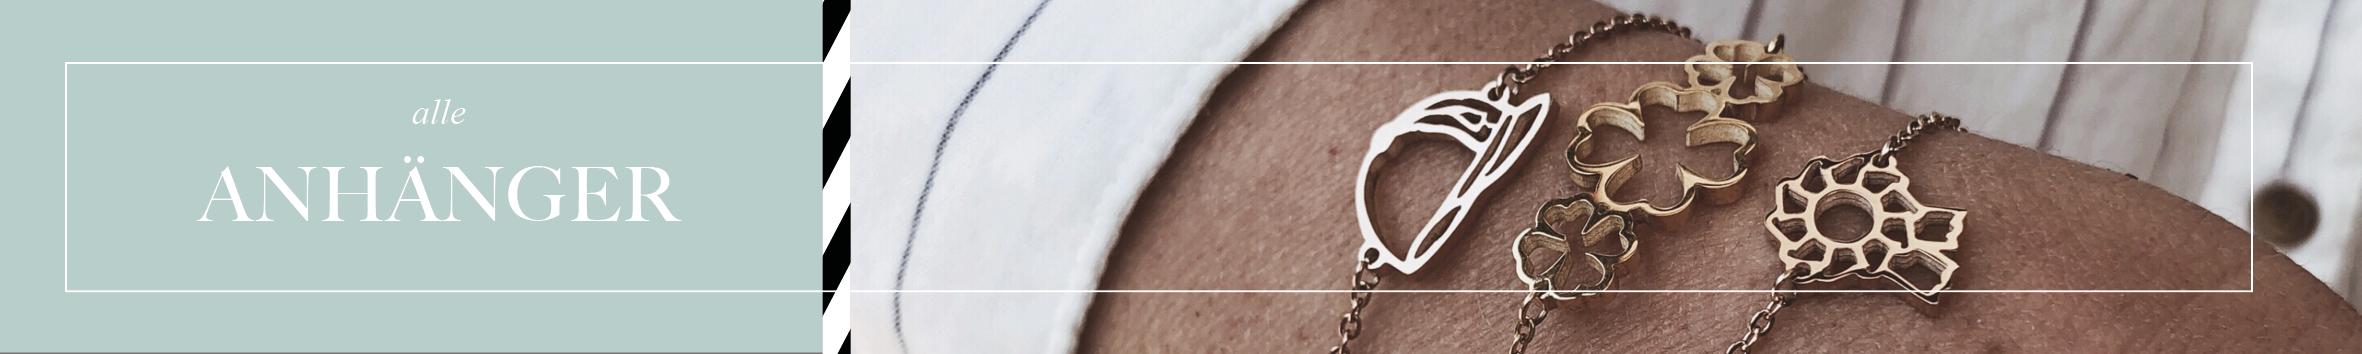 Ist Ihre Leidenschaft Pferdesport? Dann ist unser trendiger Schmuck wirklich etwas für Sie! Beobachten Sie auch unsere Kleiderbügel mit Hufeisen in der Farbe Silber, Gold oder Roségold.